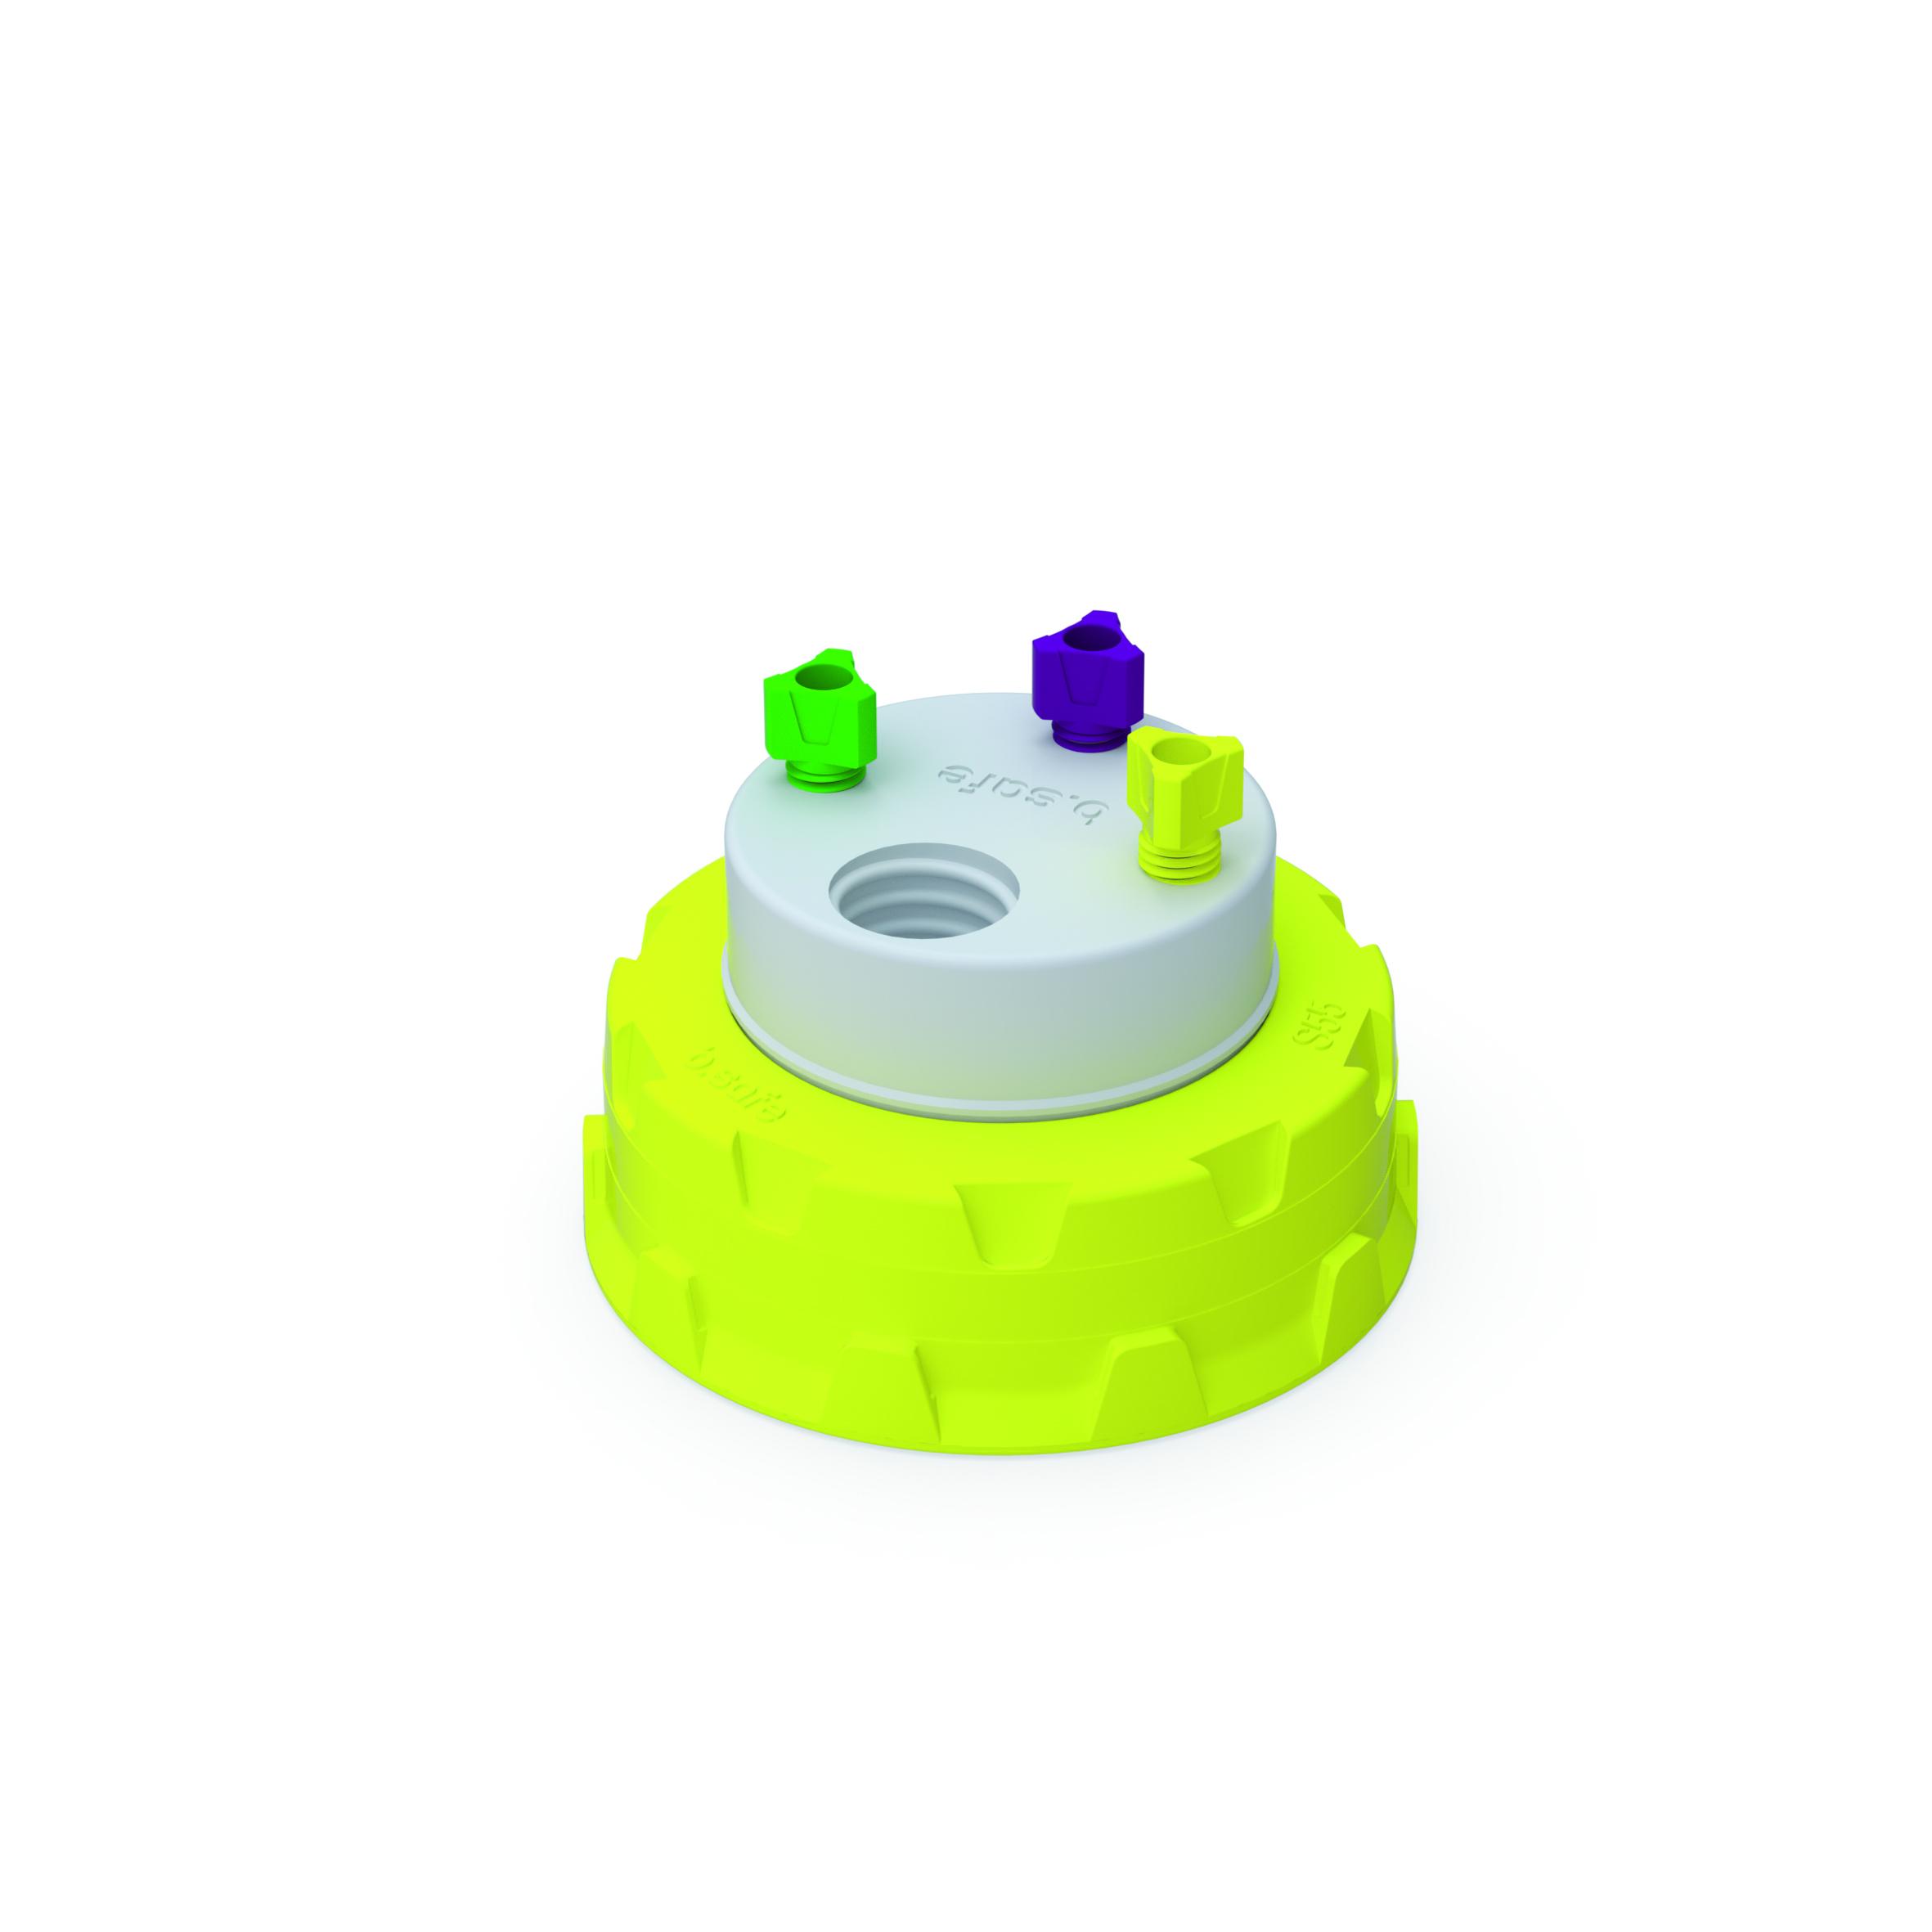 Waste Cap S55  Schraubkappe aus PP für Kanistergewinde S55, frei drehbarer Einsatz aus PTFE. Mit PFA-Fittings